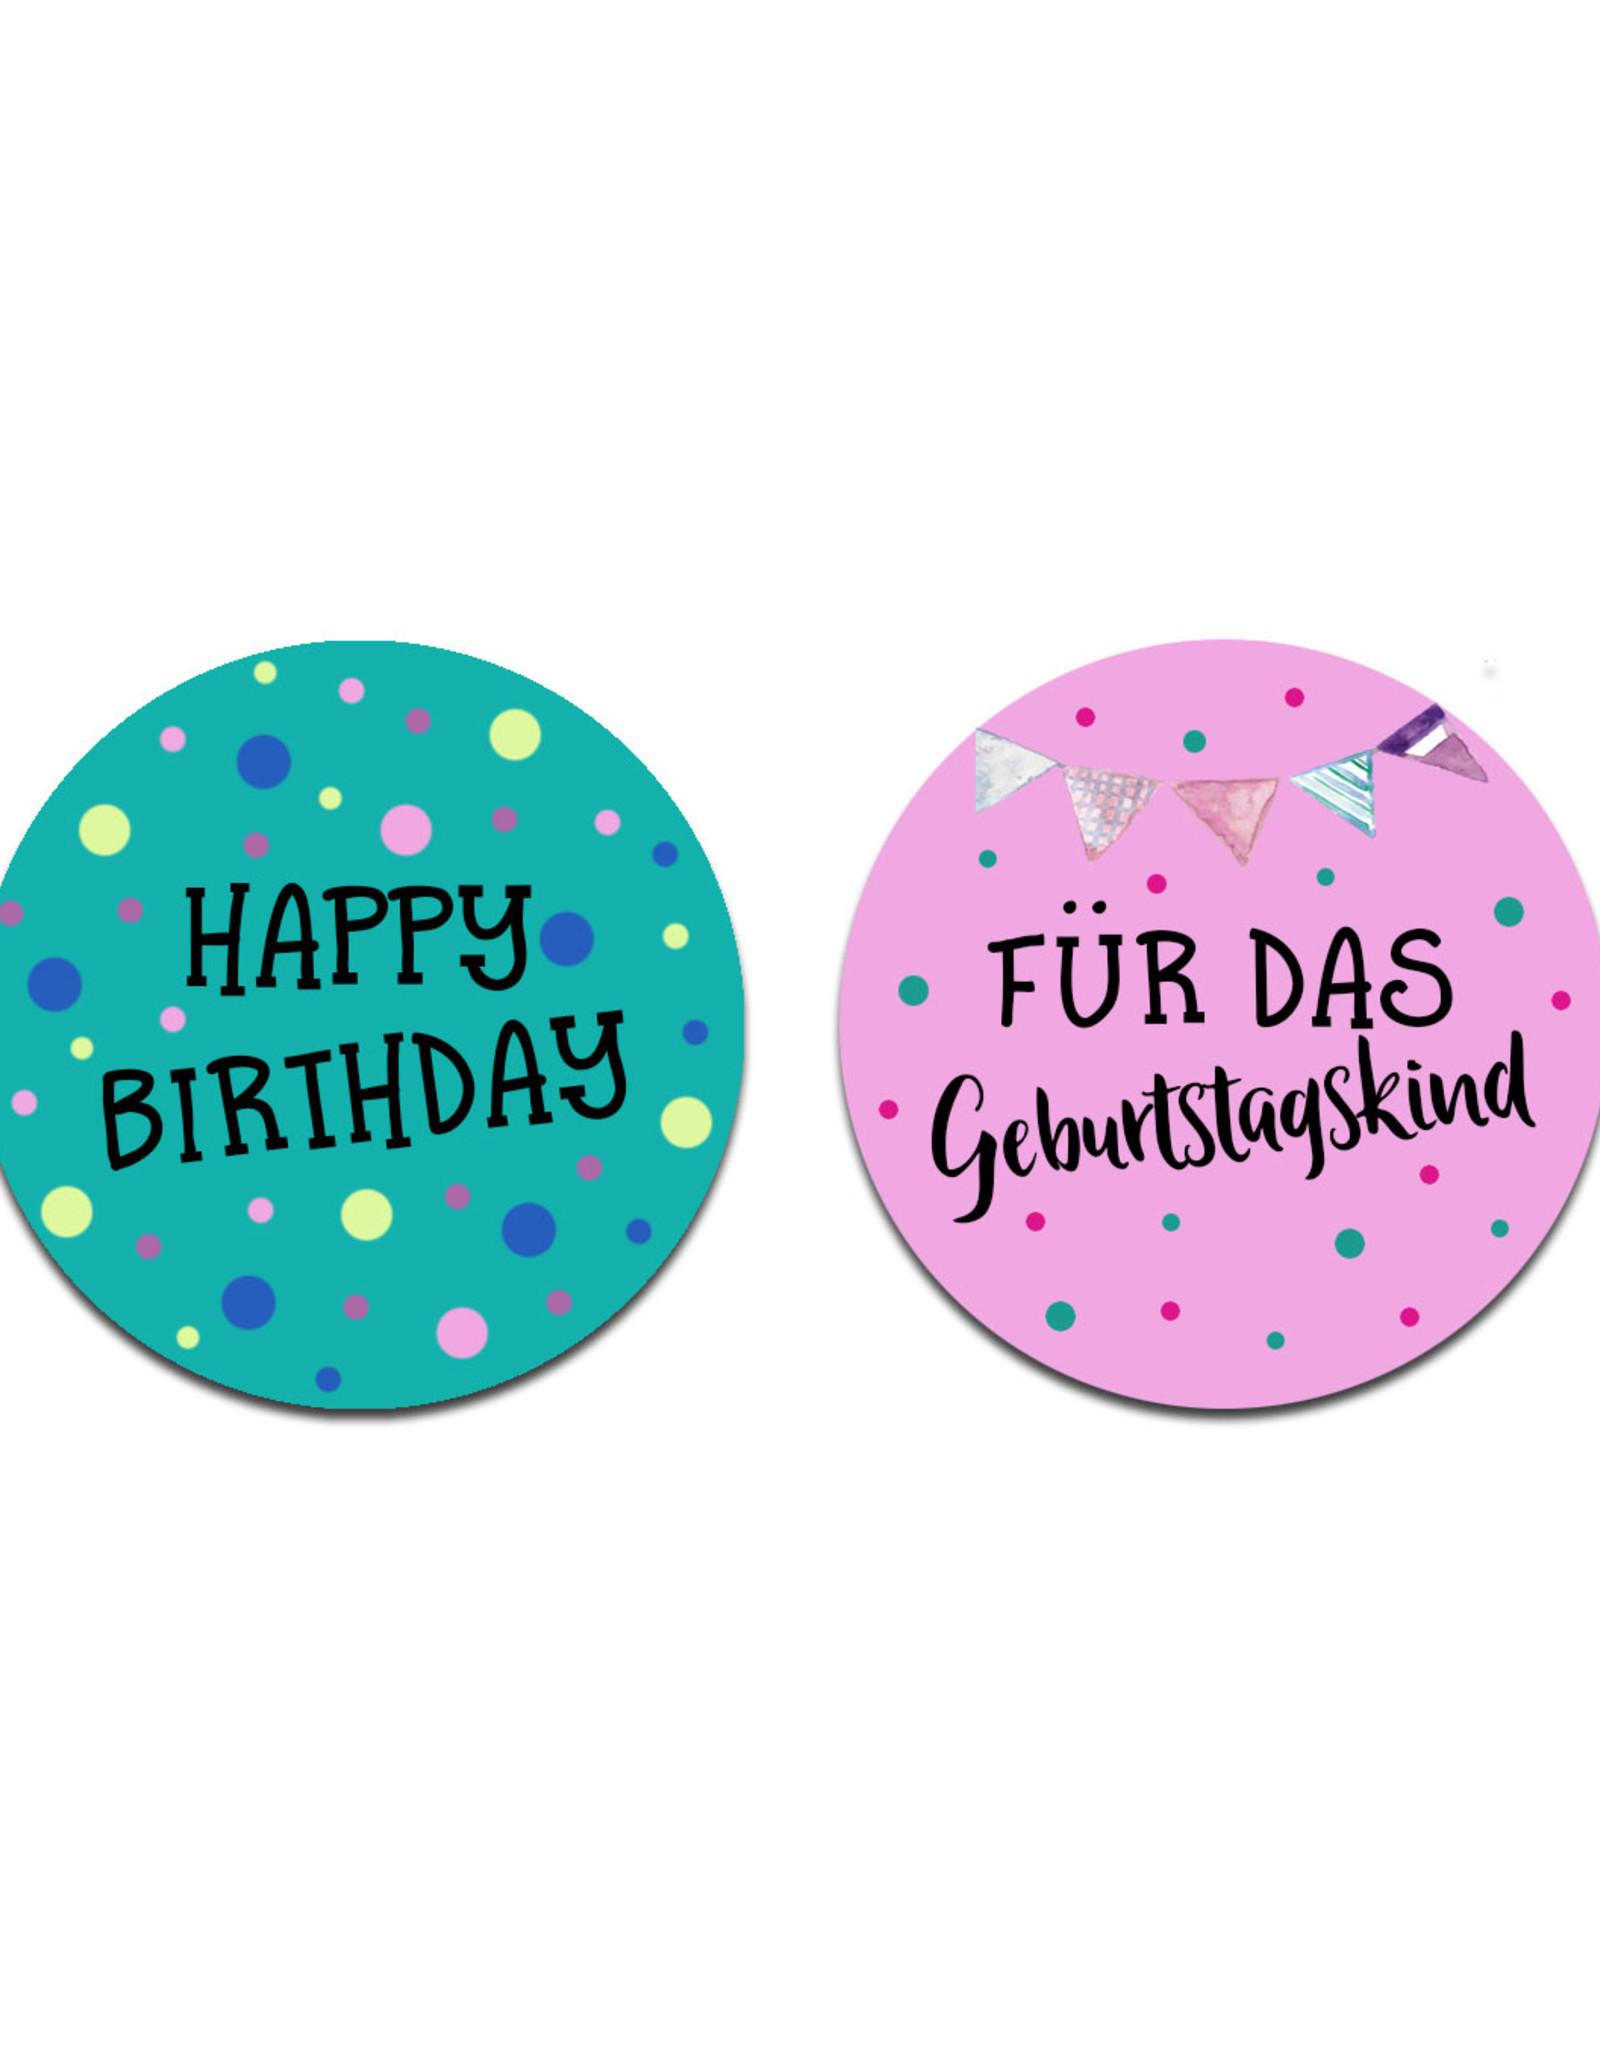 """Aufkleber Geburtstag Set """"Happy Birthday"""" und """"Für das Geburtstagskind"""" 50 Sticker Geburtstag, Geschenkaufkleber"""